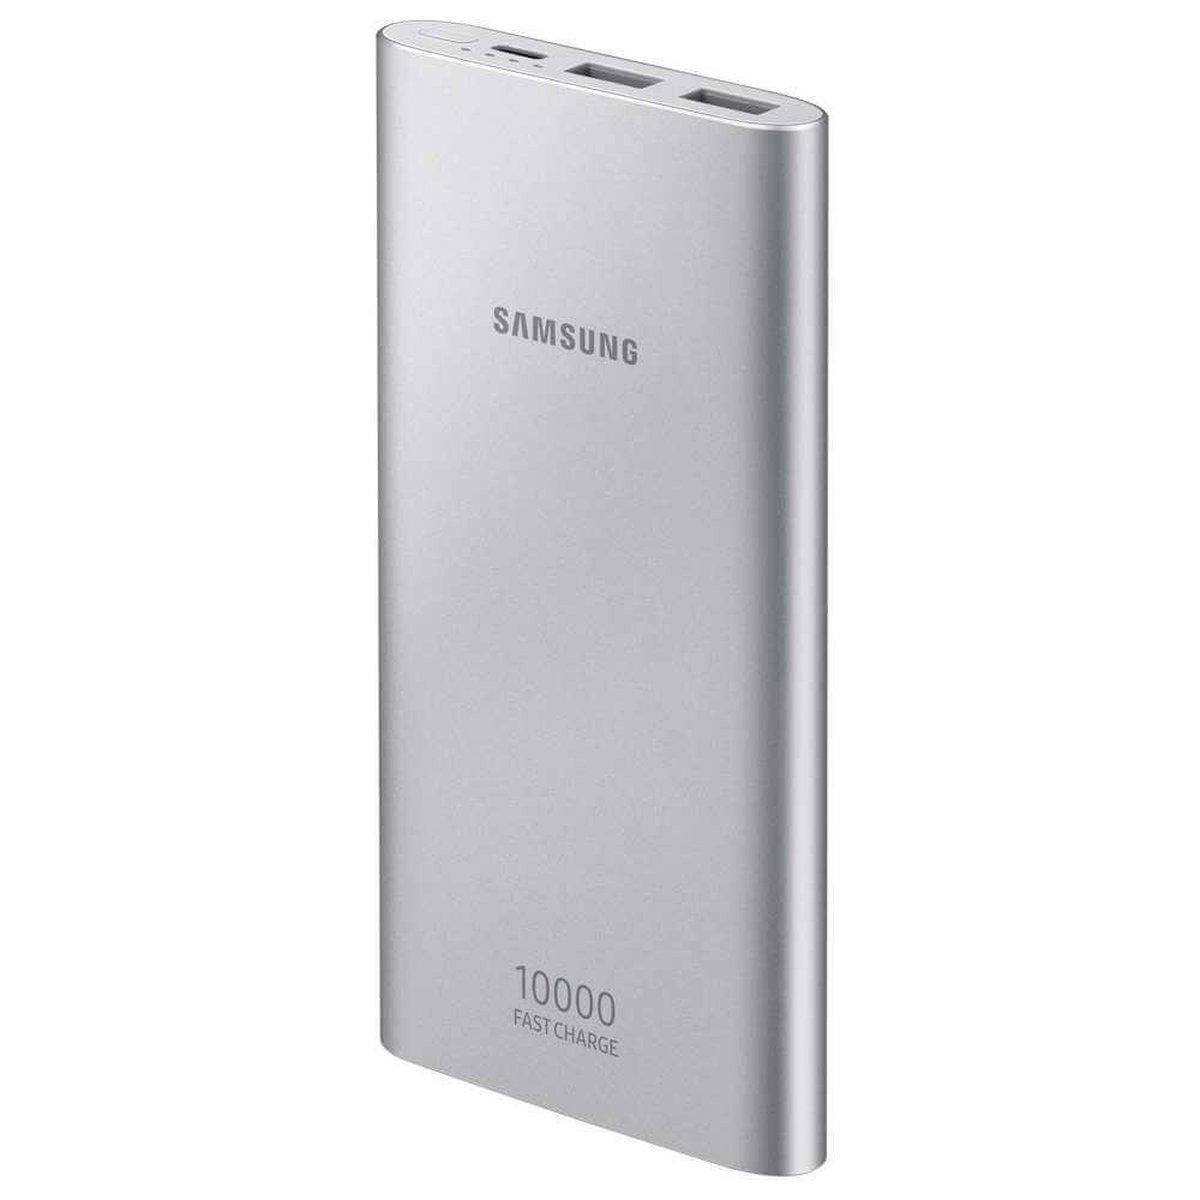 Beste scouts powerbank voor scouting  Samsung Powerbank